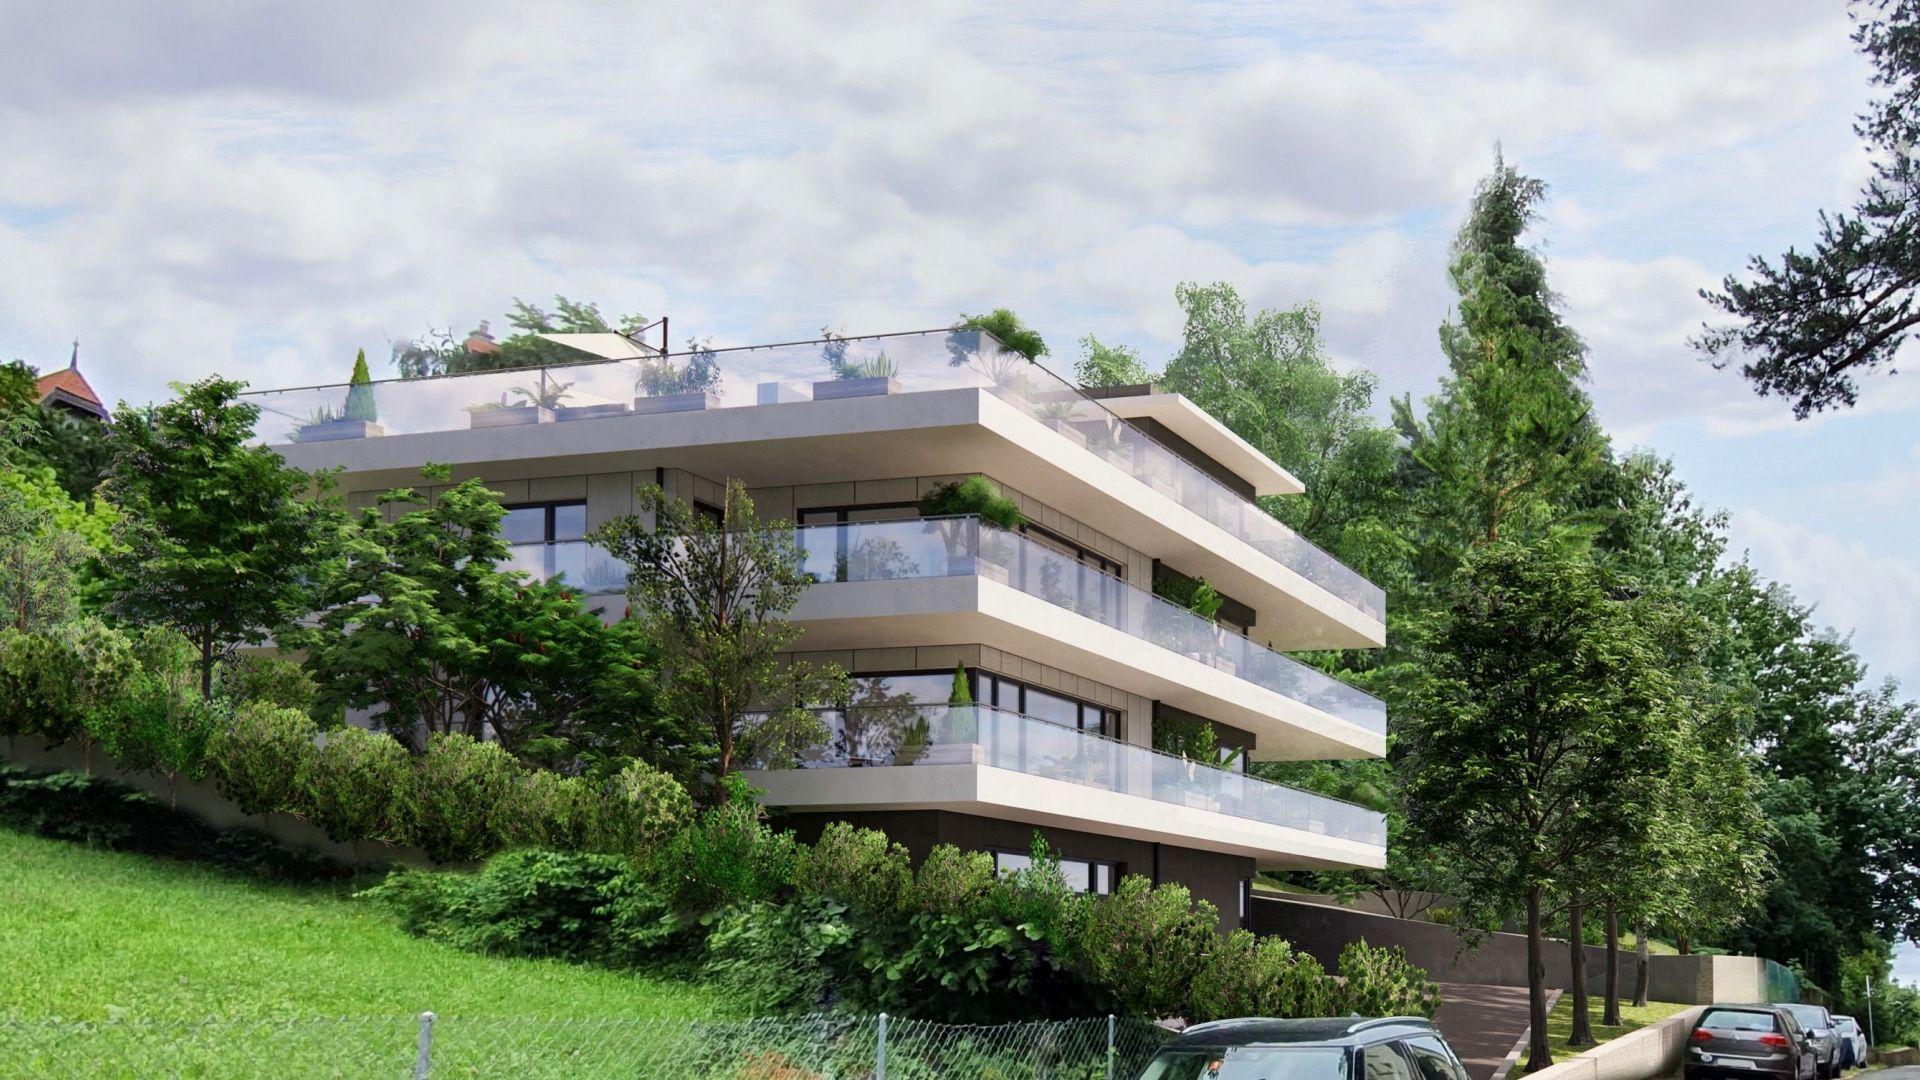 Lausanne Tribunal Fédéral - Projet de 5 appartements de haut standing - 2021/2022